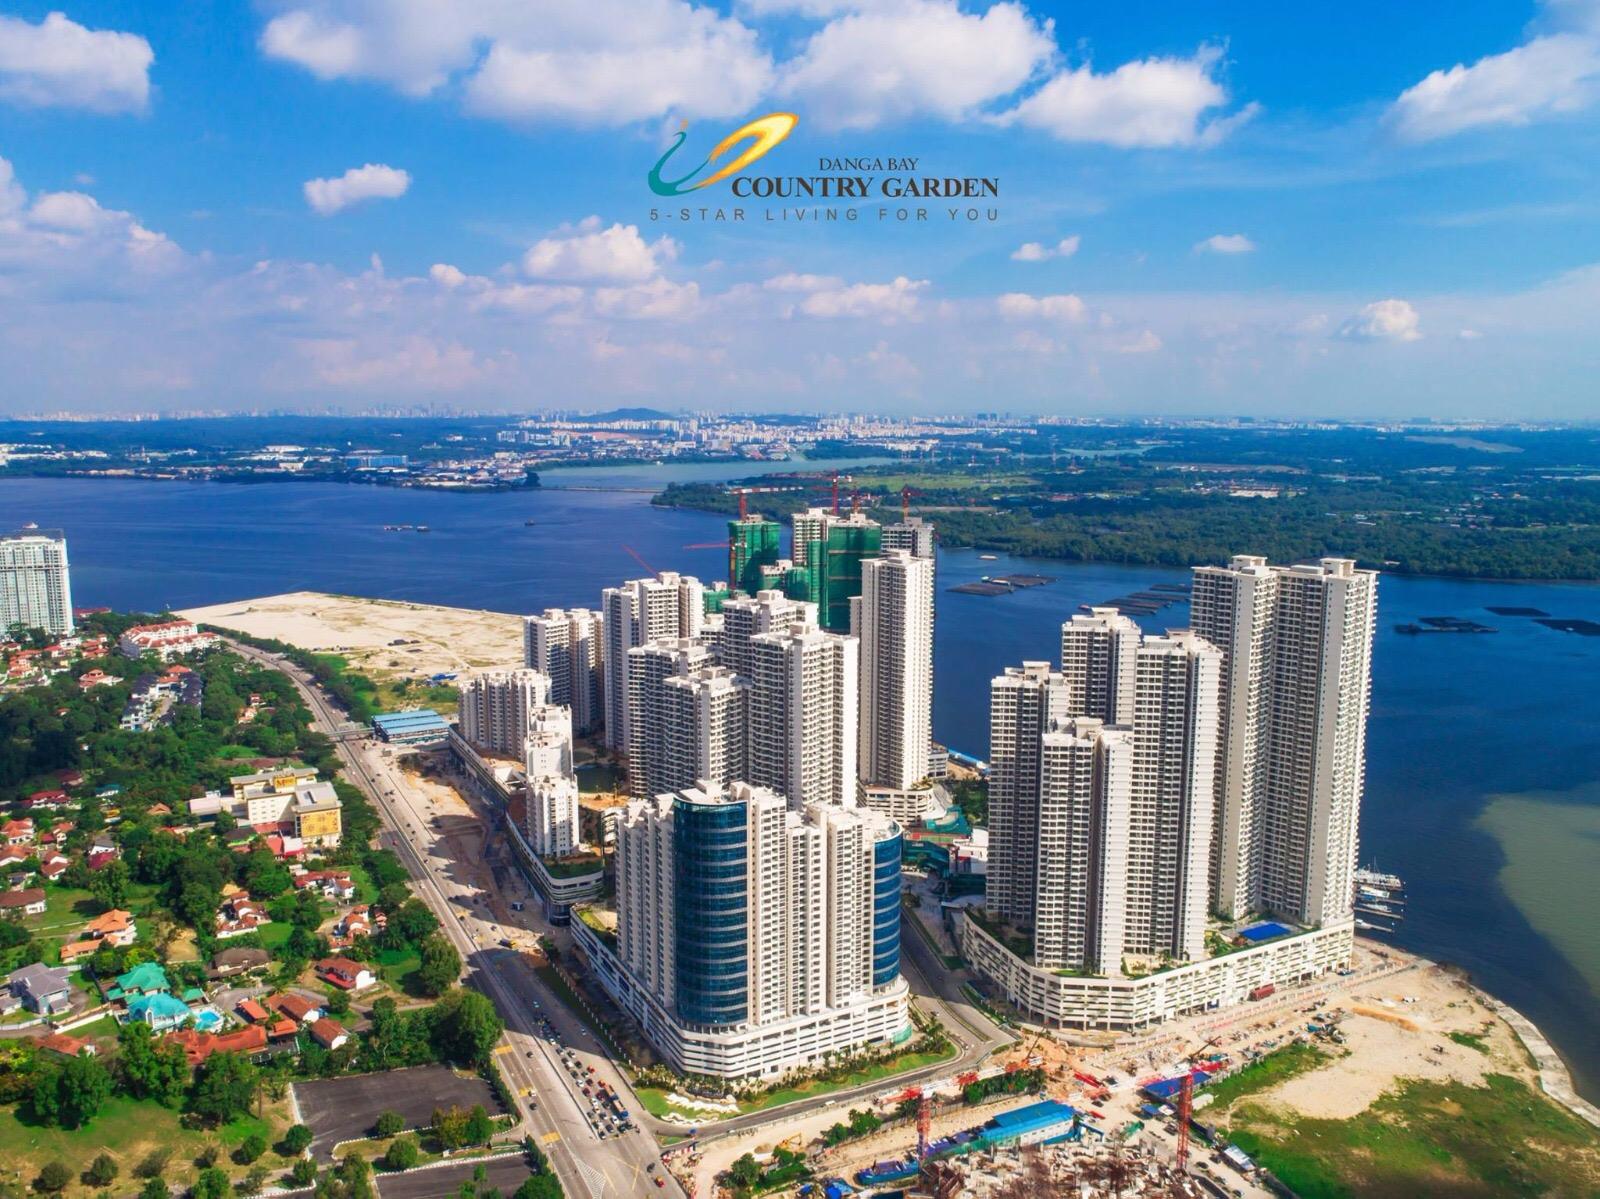 碧桂園Country Garden Danga Bay 金海灣 ‹ Asia Homes (HK) Consultancy Limited